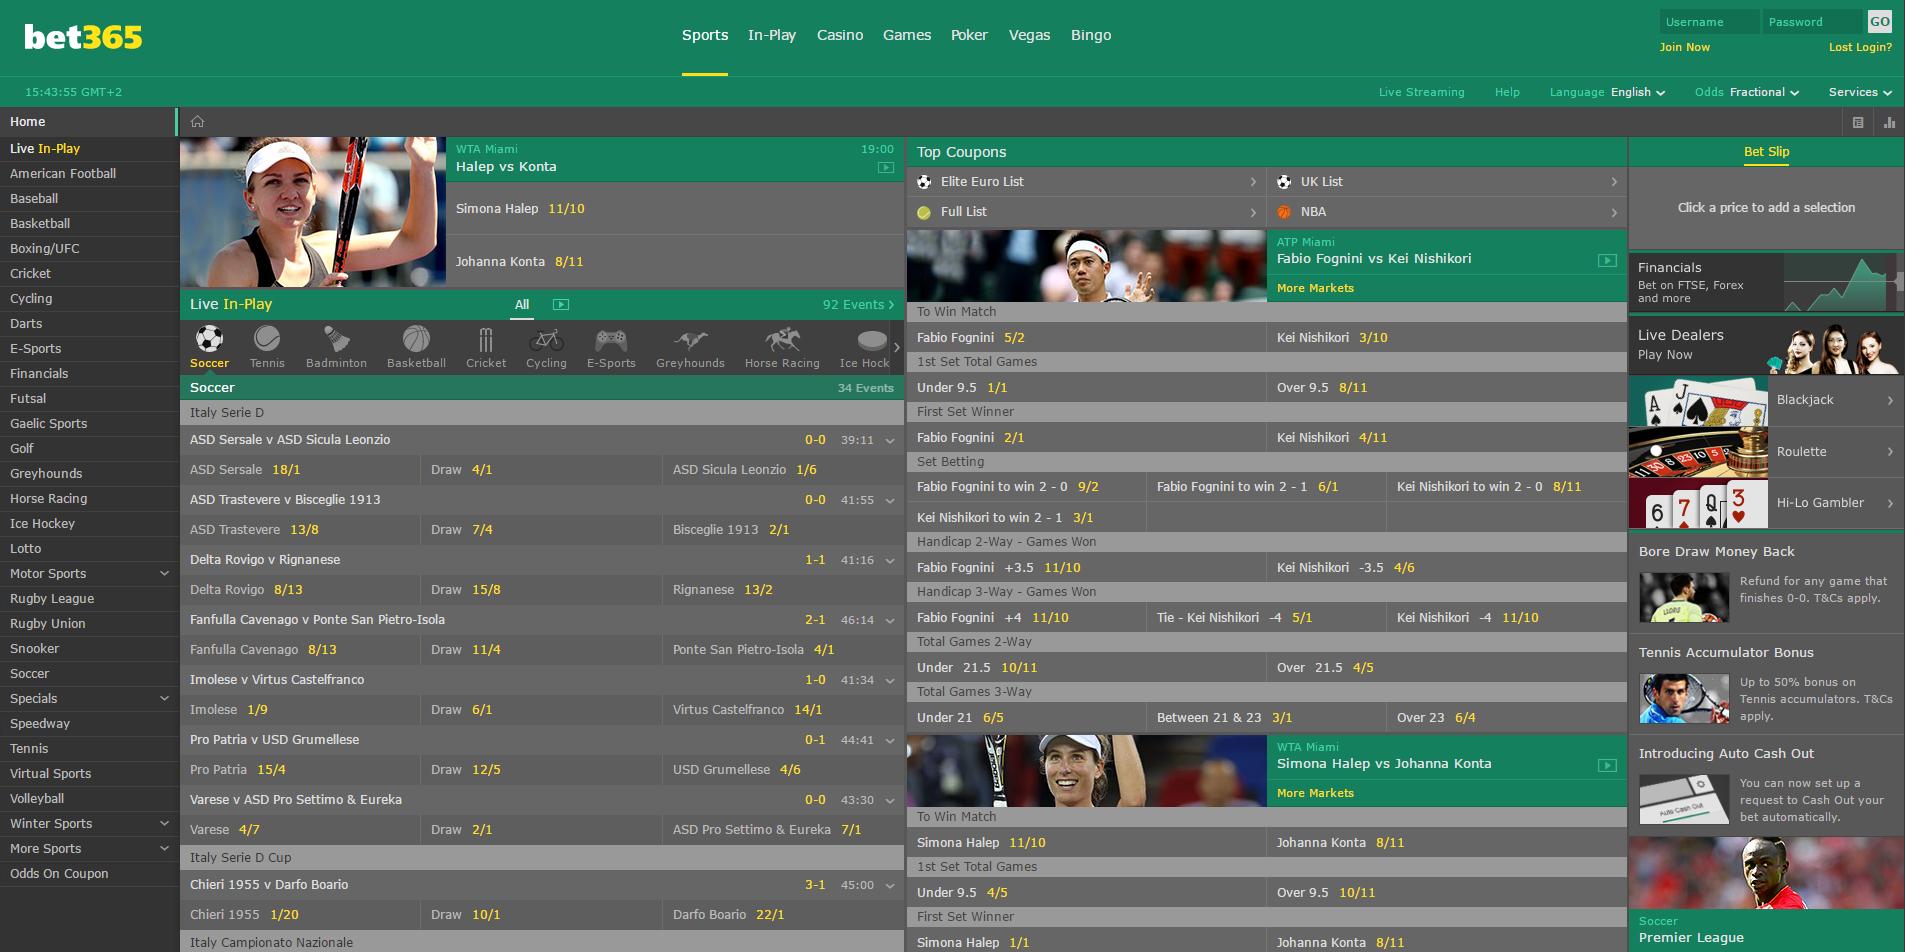 Официальный сайт букмекерской конторы bet365